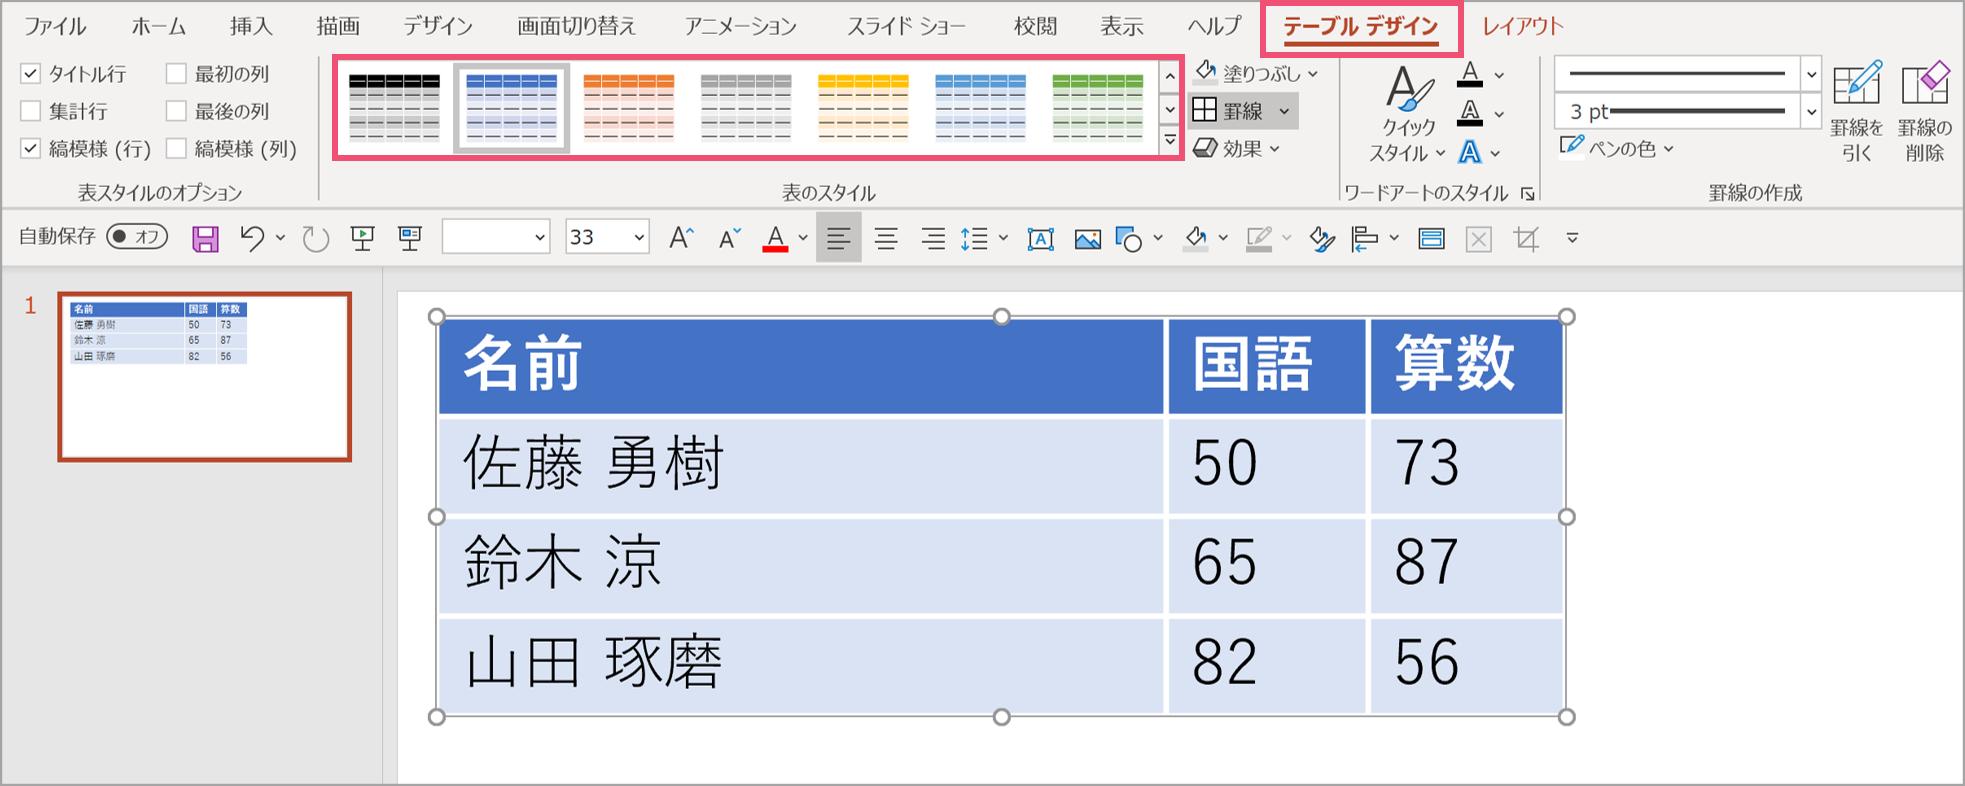 パワーポイントで表のデザインを変更する